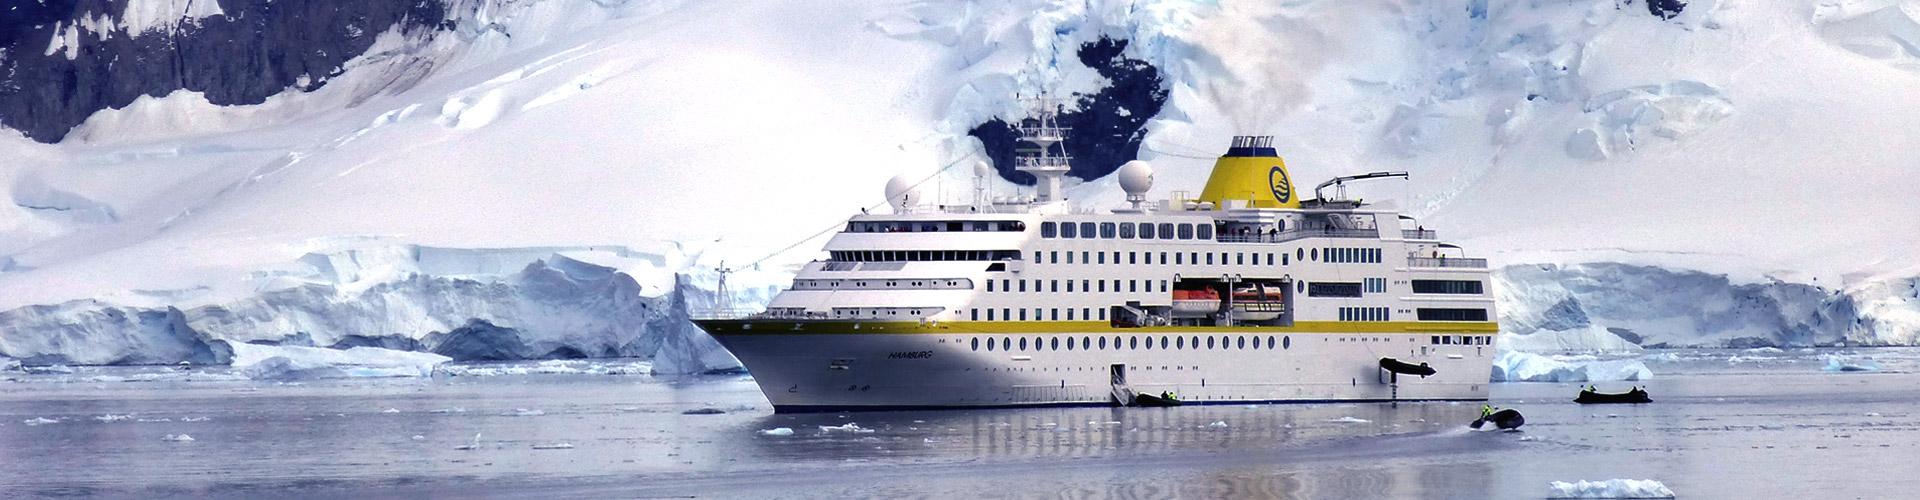 Weihnachts- und Silvesterkreuzfahrt von Rio in die Antarktis ...